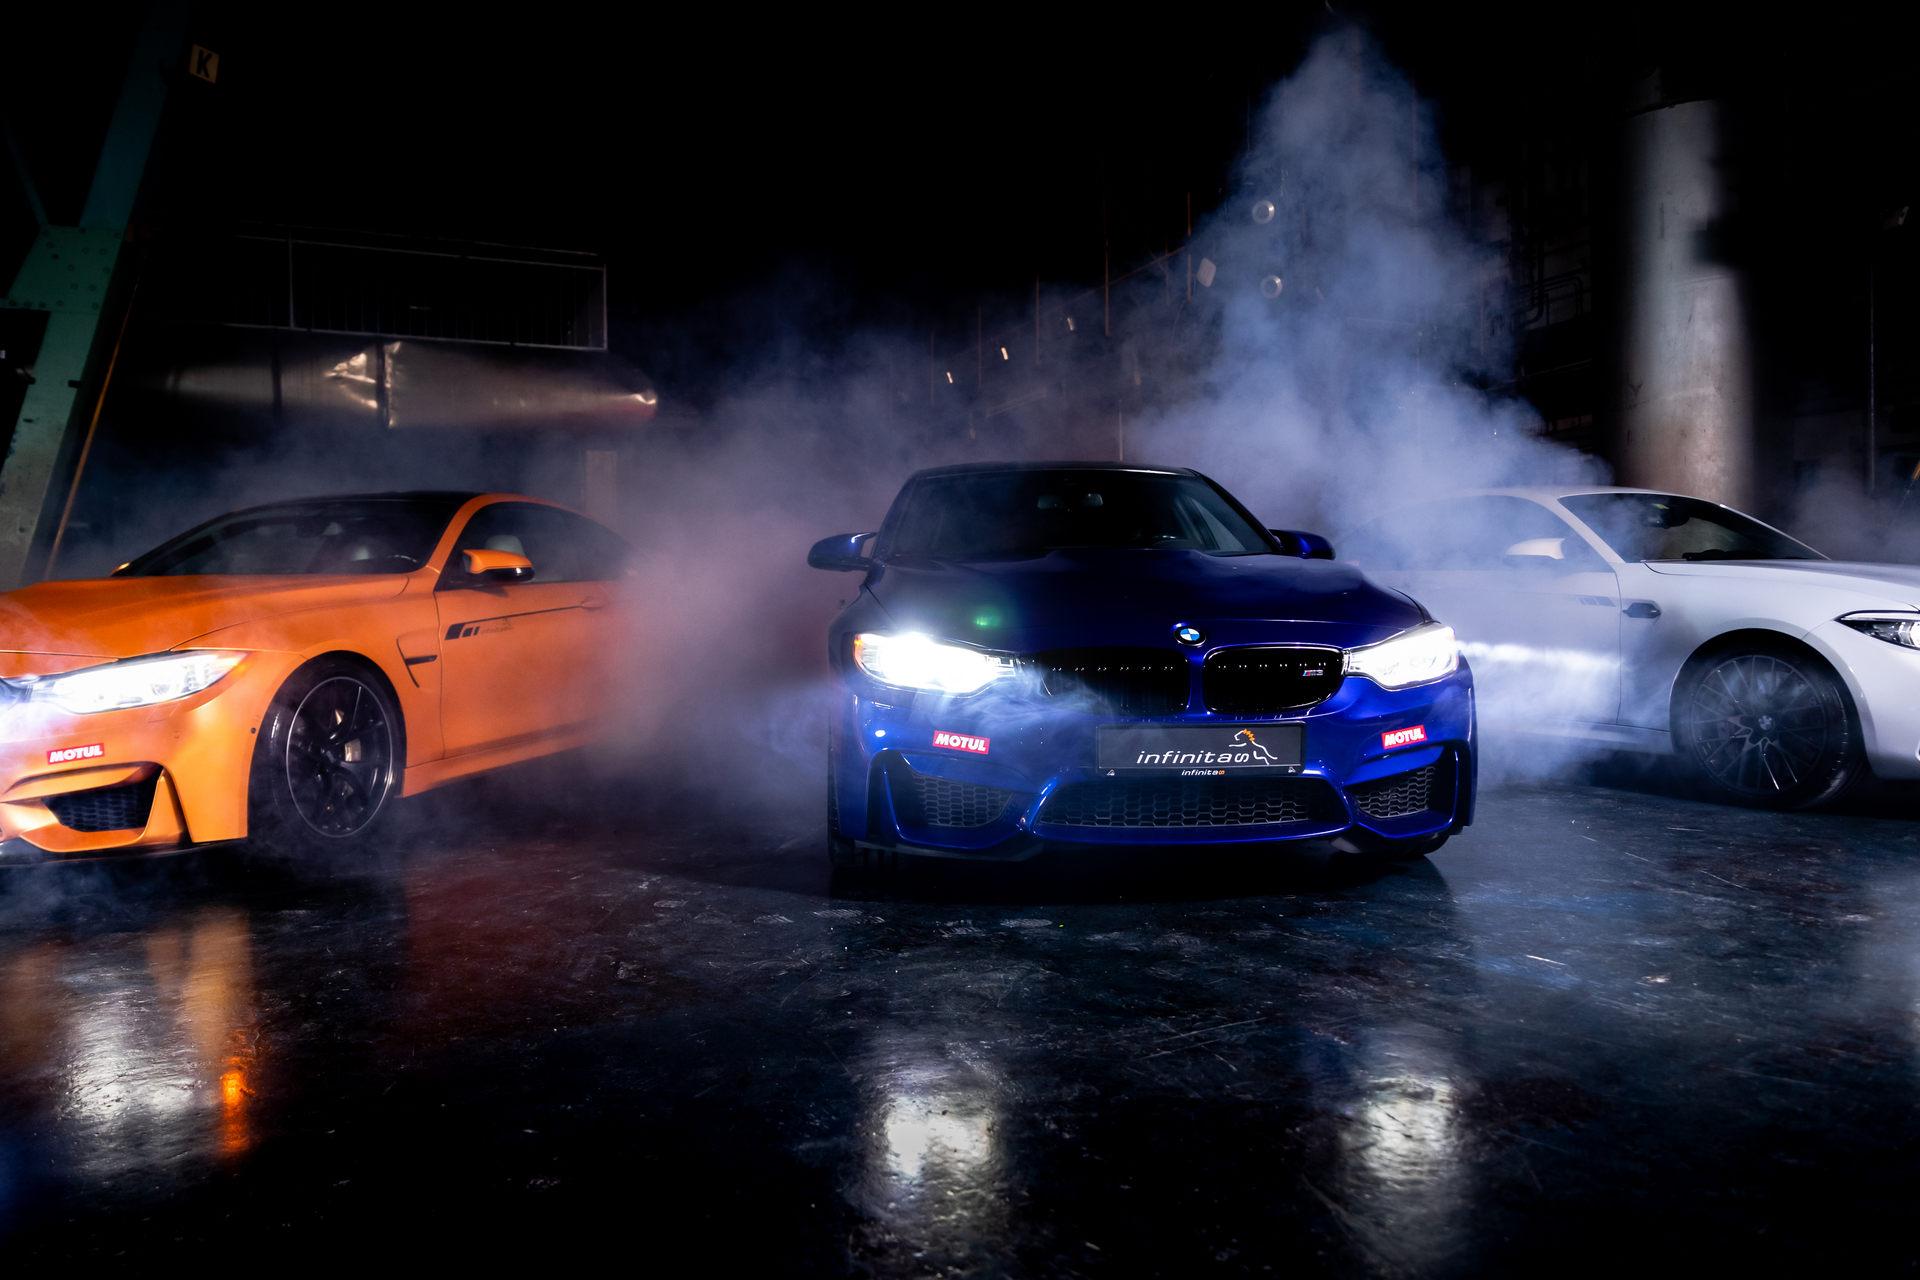 Infinitas, немецкий производитель компонентов тюнинга для автомобилей BMW, анонсировал систему тюнинга Hybrid Charger для всех моделей, оснащаемых движком S55B30.